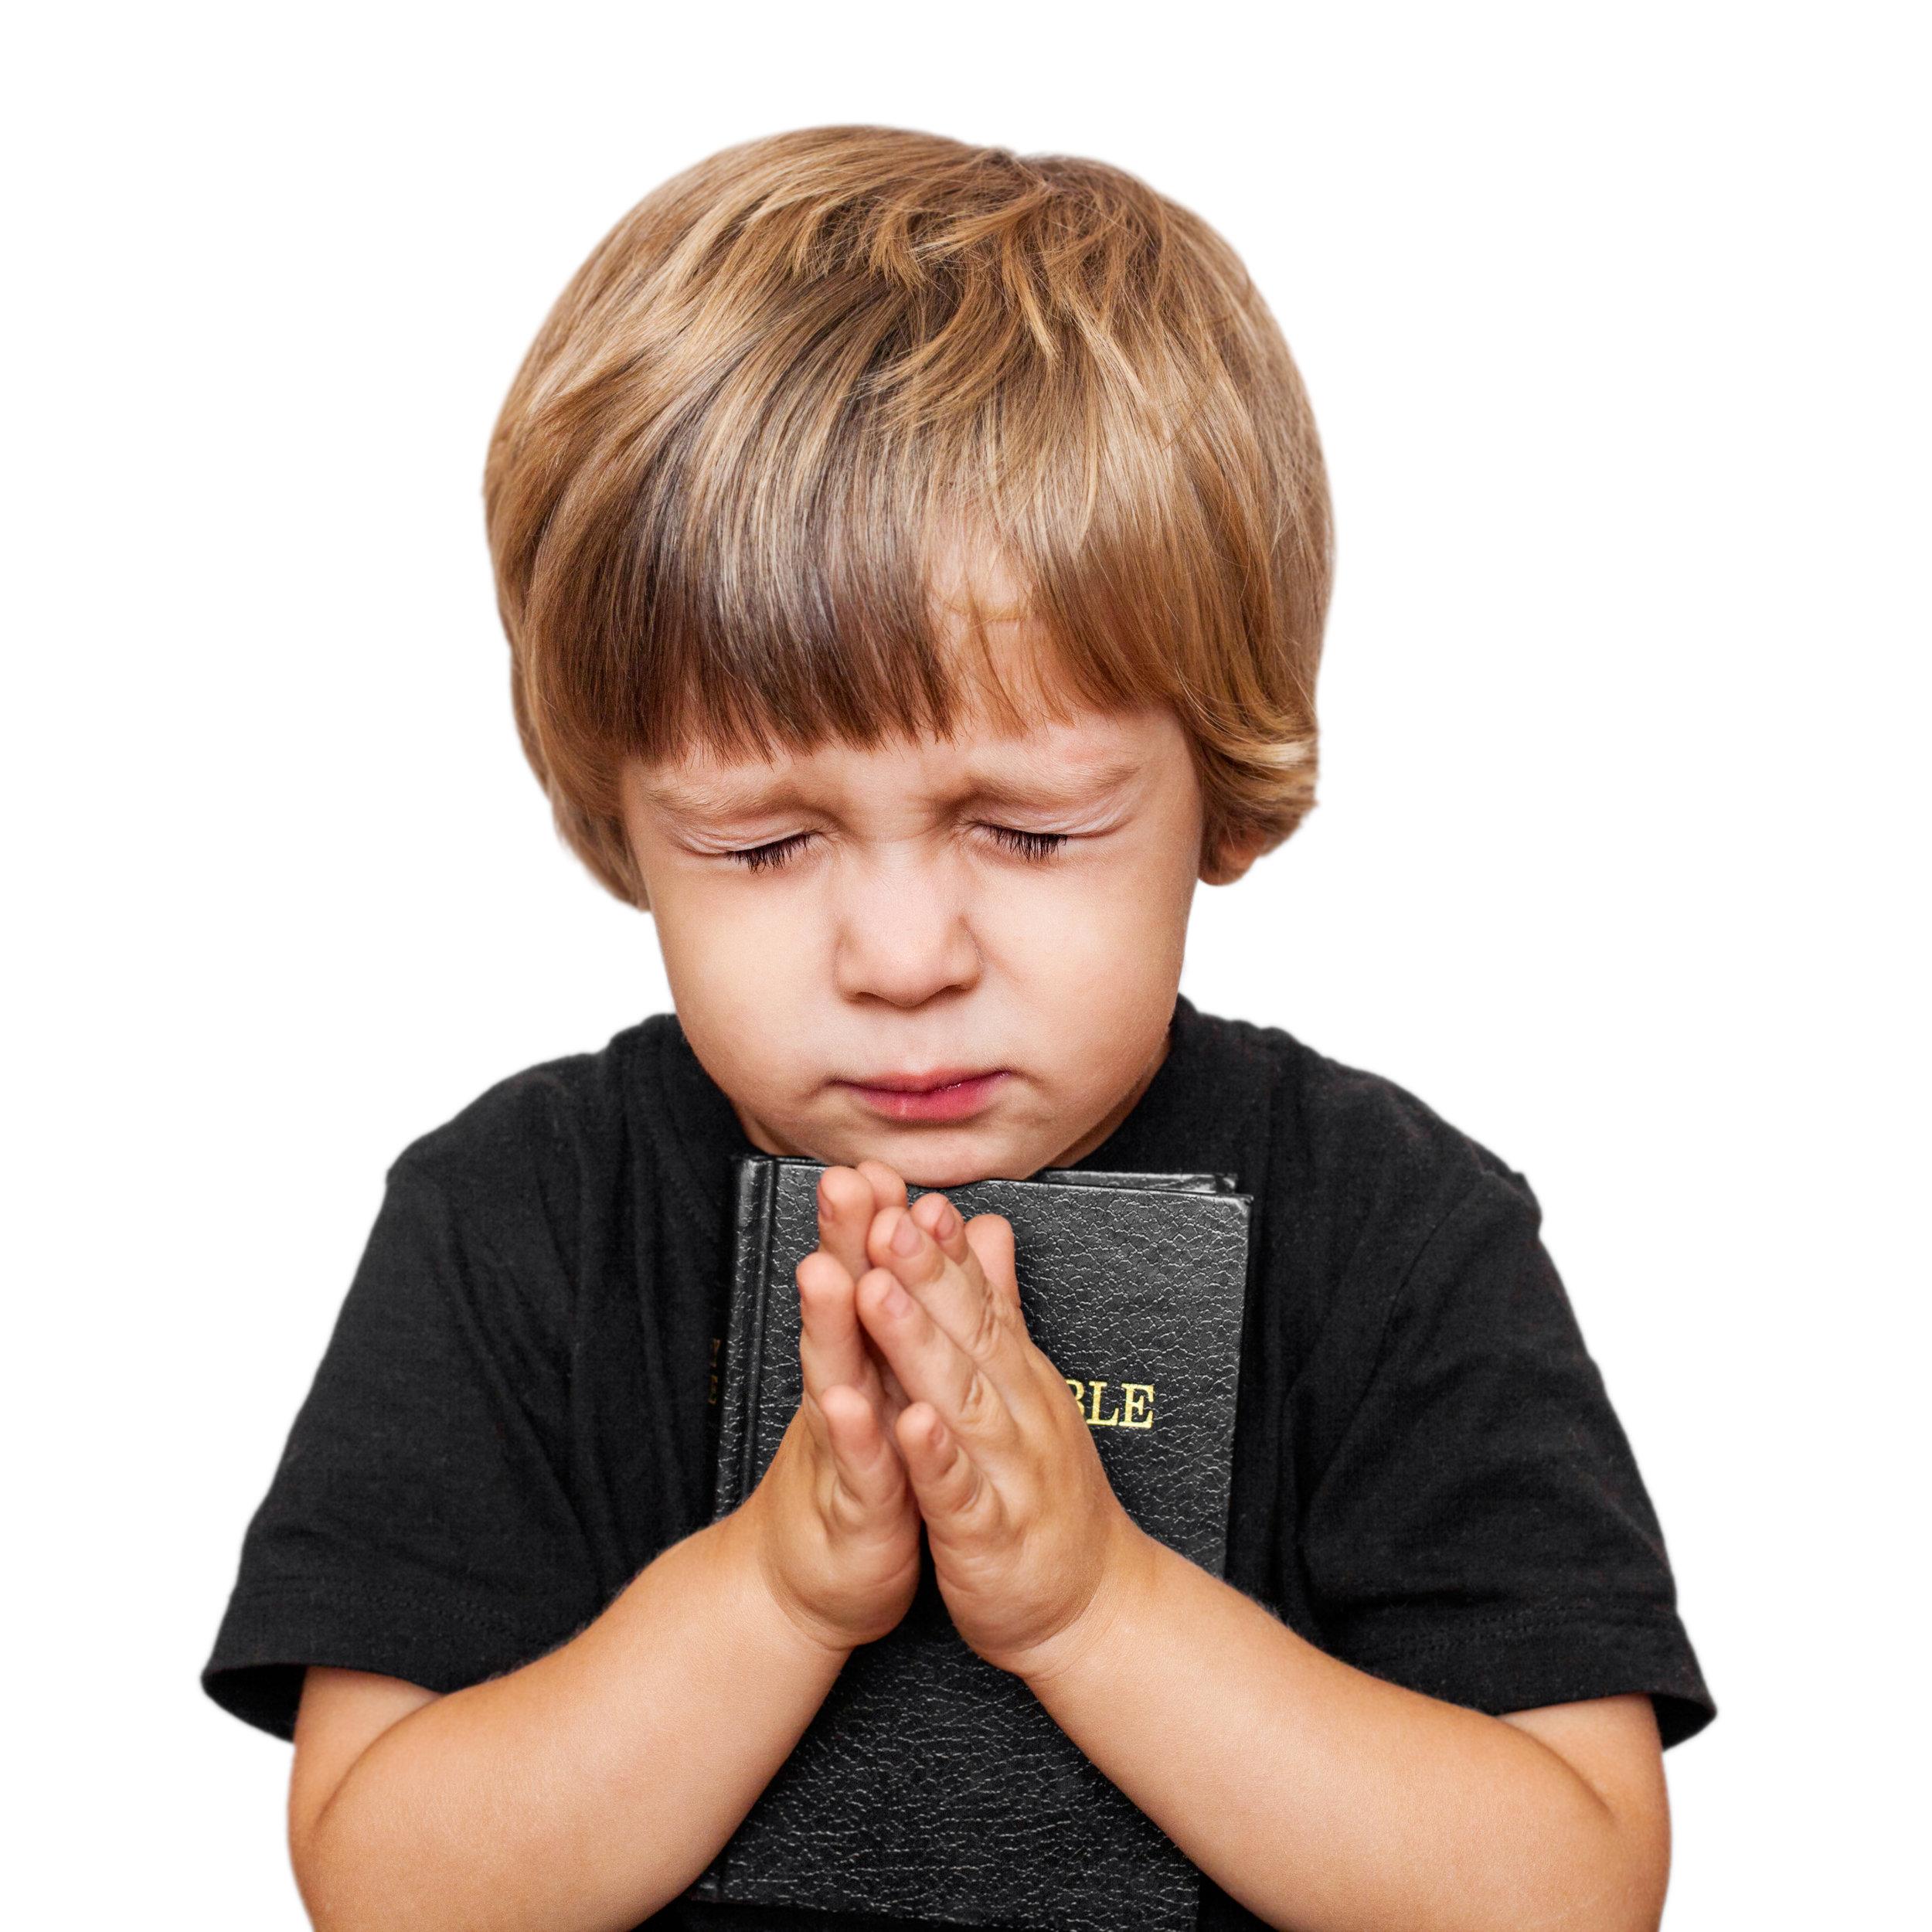 boy-praying.jpg